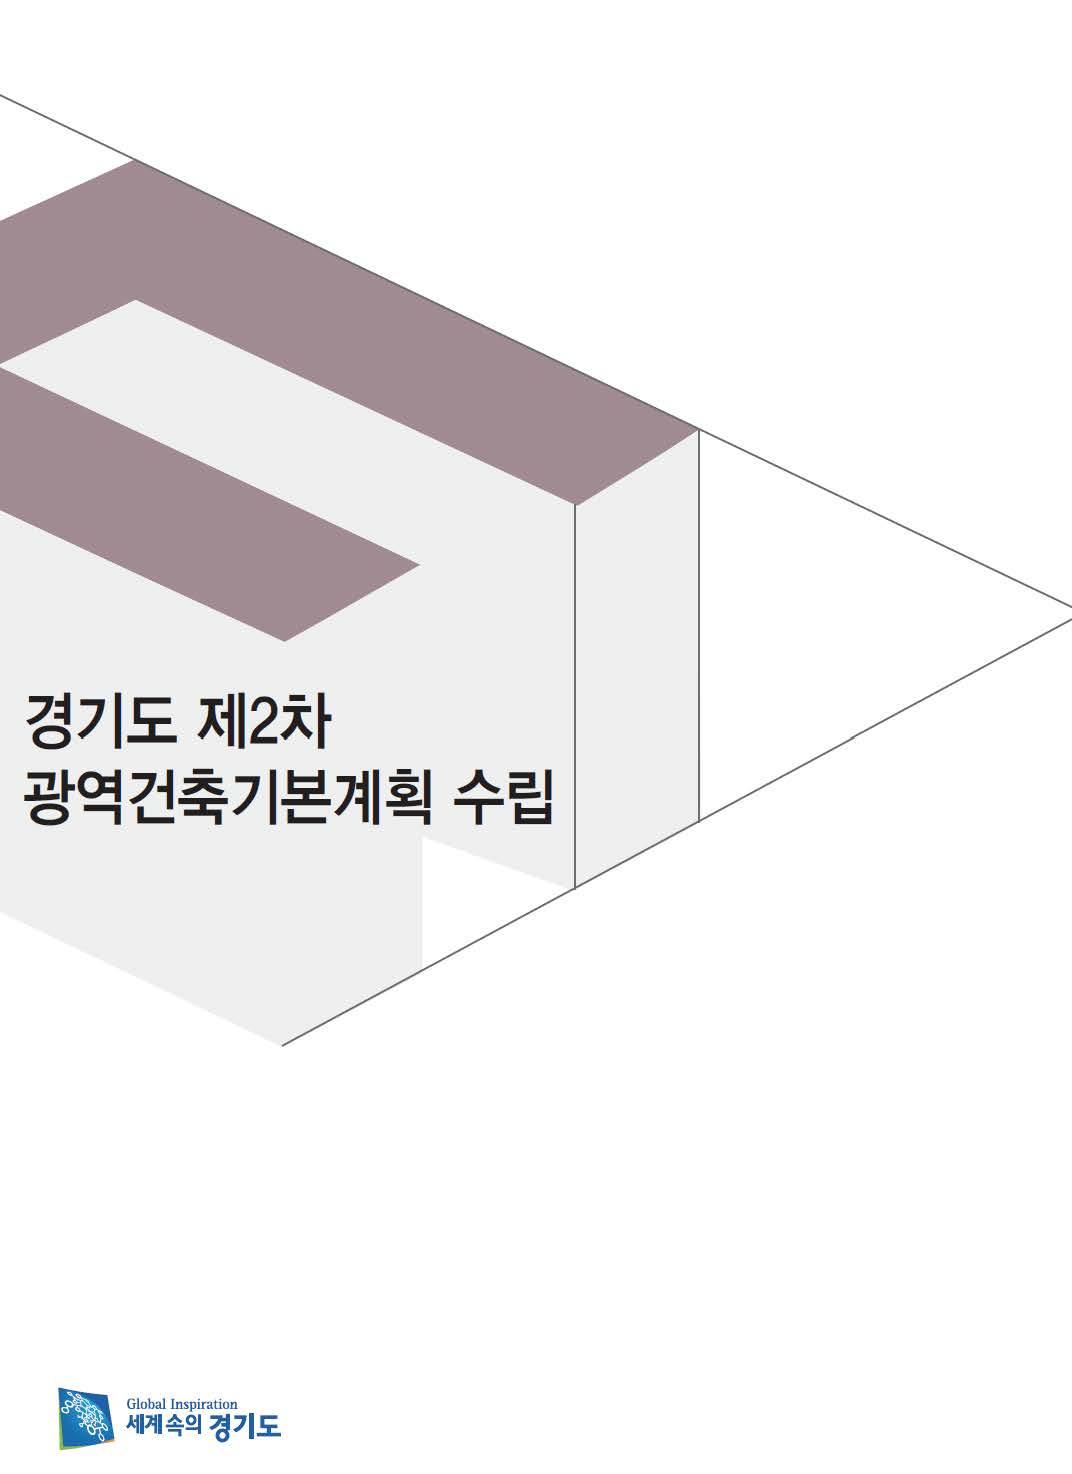 경기도 제2차 광역건축기본계획 수립